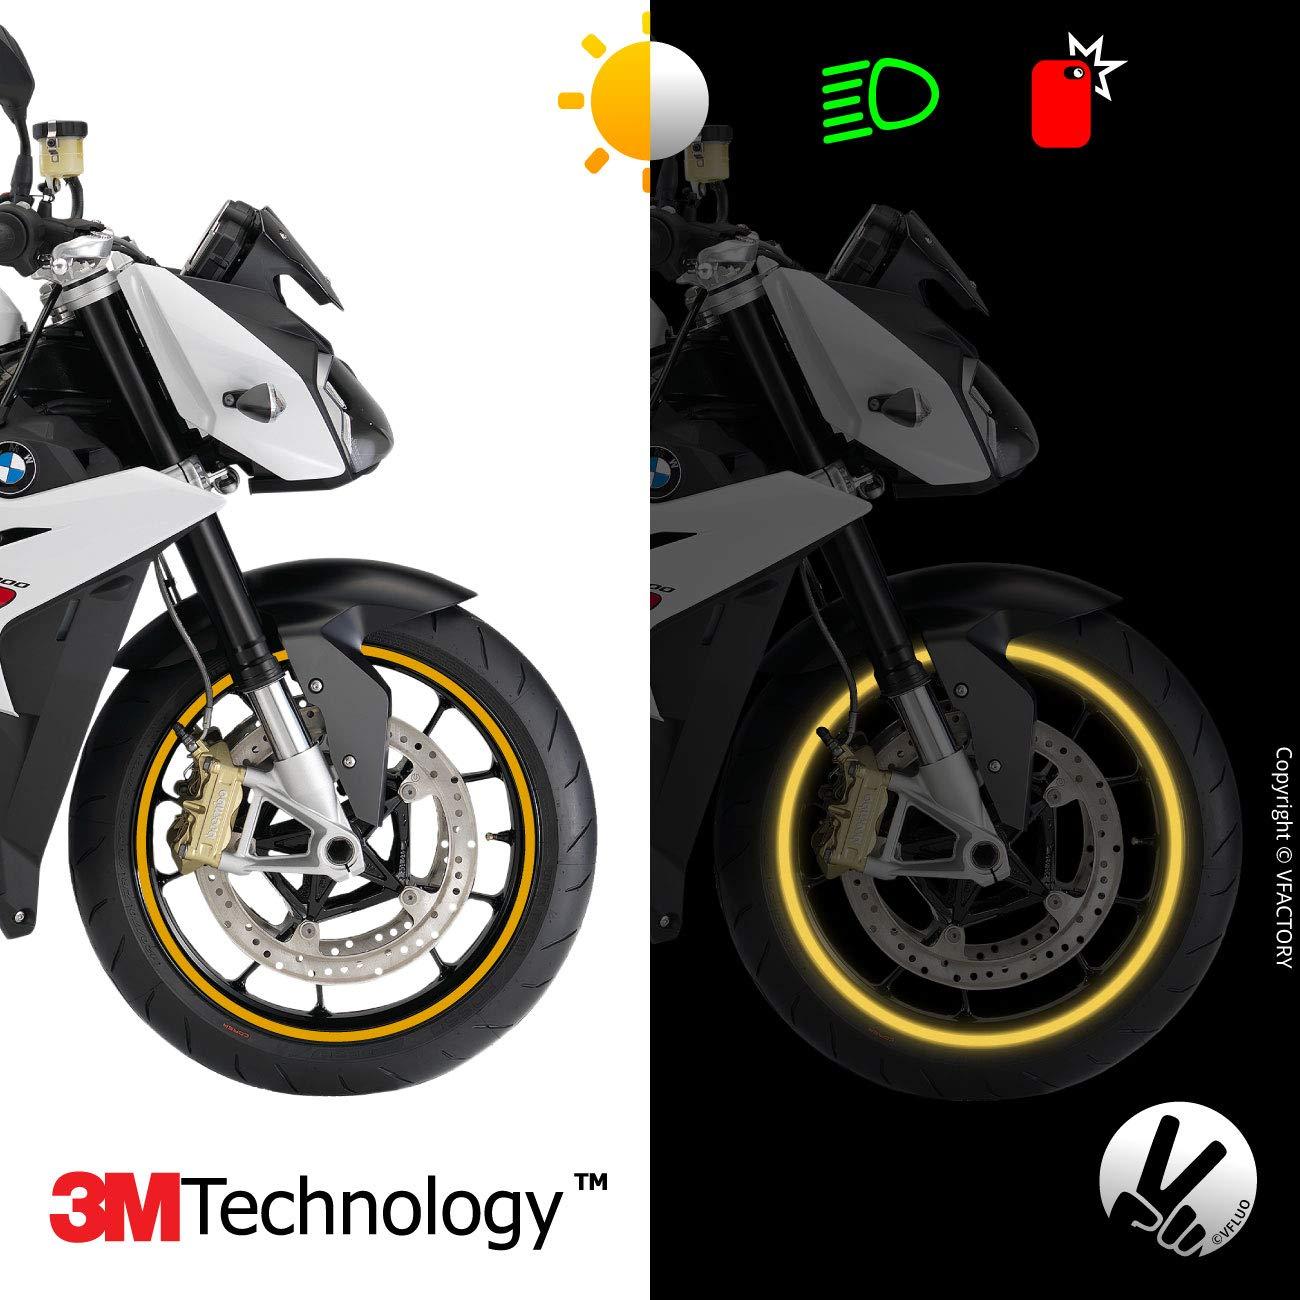 VFLUO Circular/™ Liseret Largeur XL : 10 mm Jaune Fluo 1 Roue 3M Technology/™ Kit Bandes Jantes Moto r/étro r/éfl/échissantes